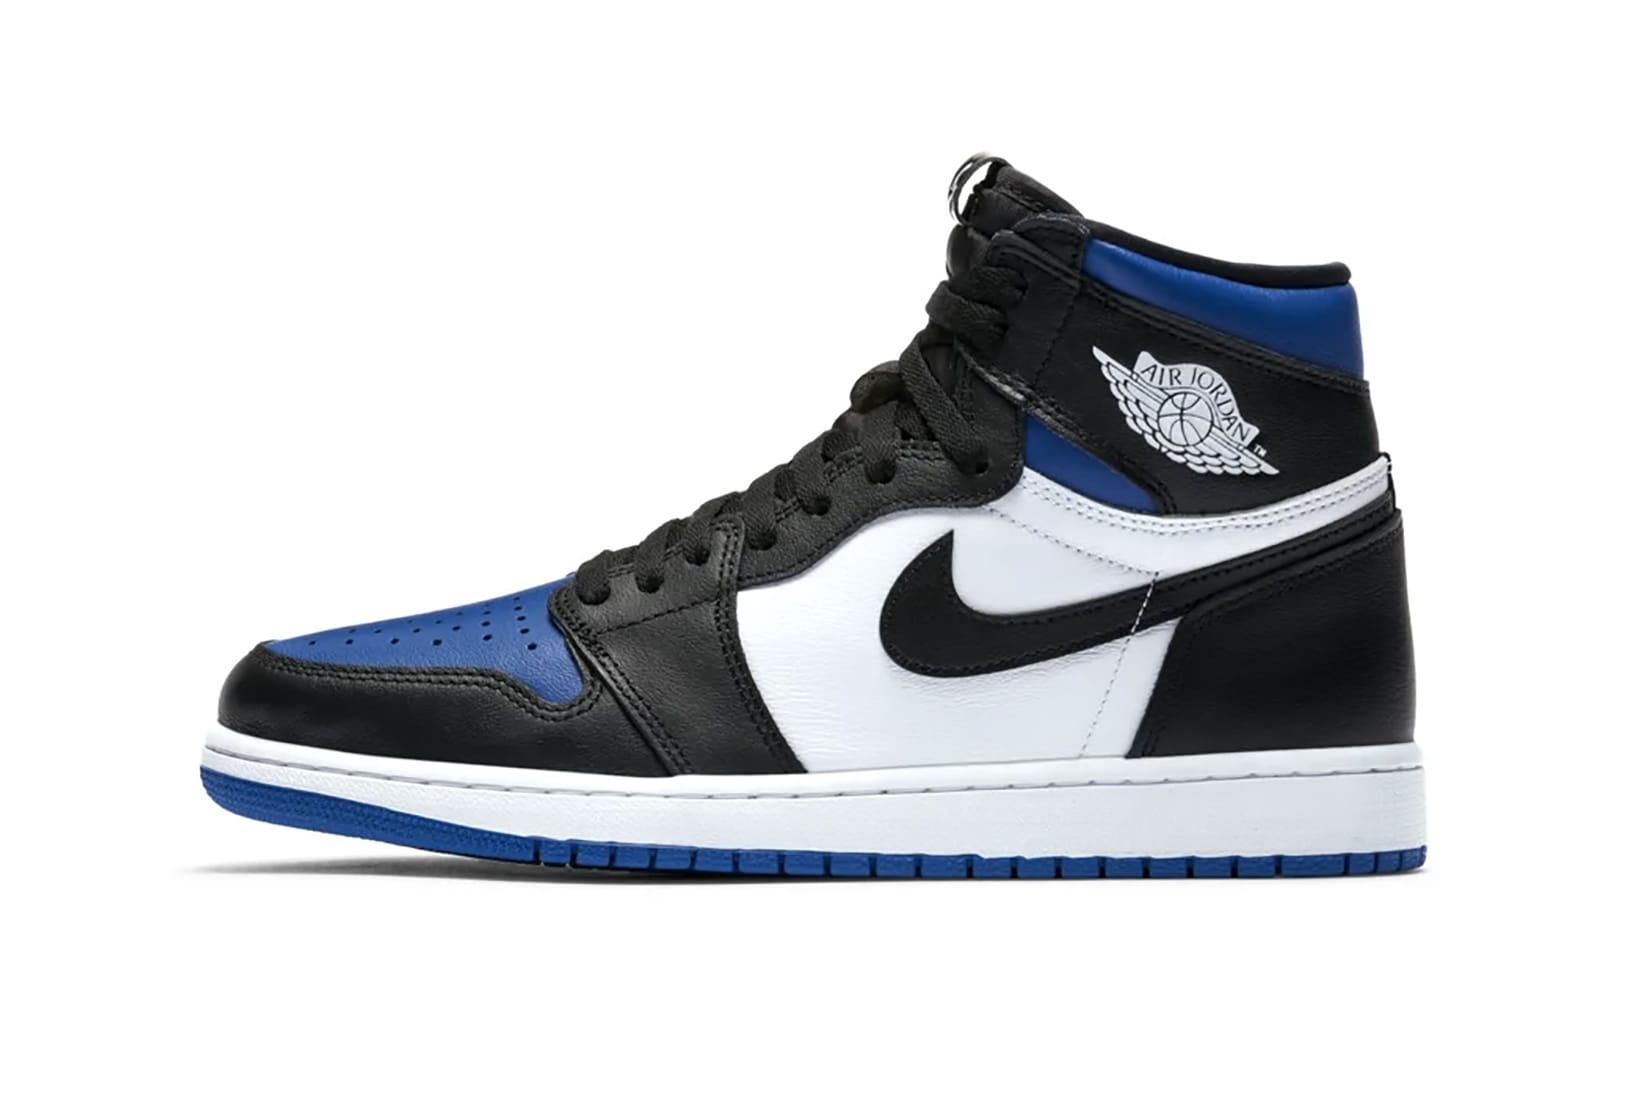 Air Jordan 1 Retro High OG Blue/White